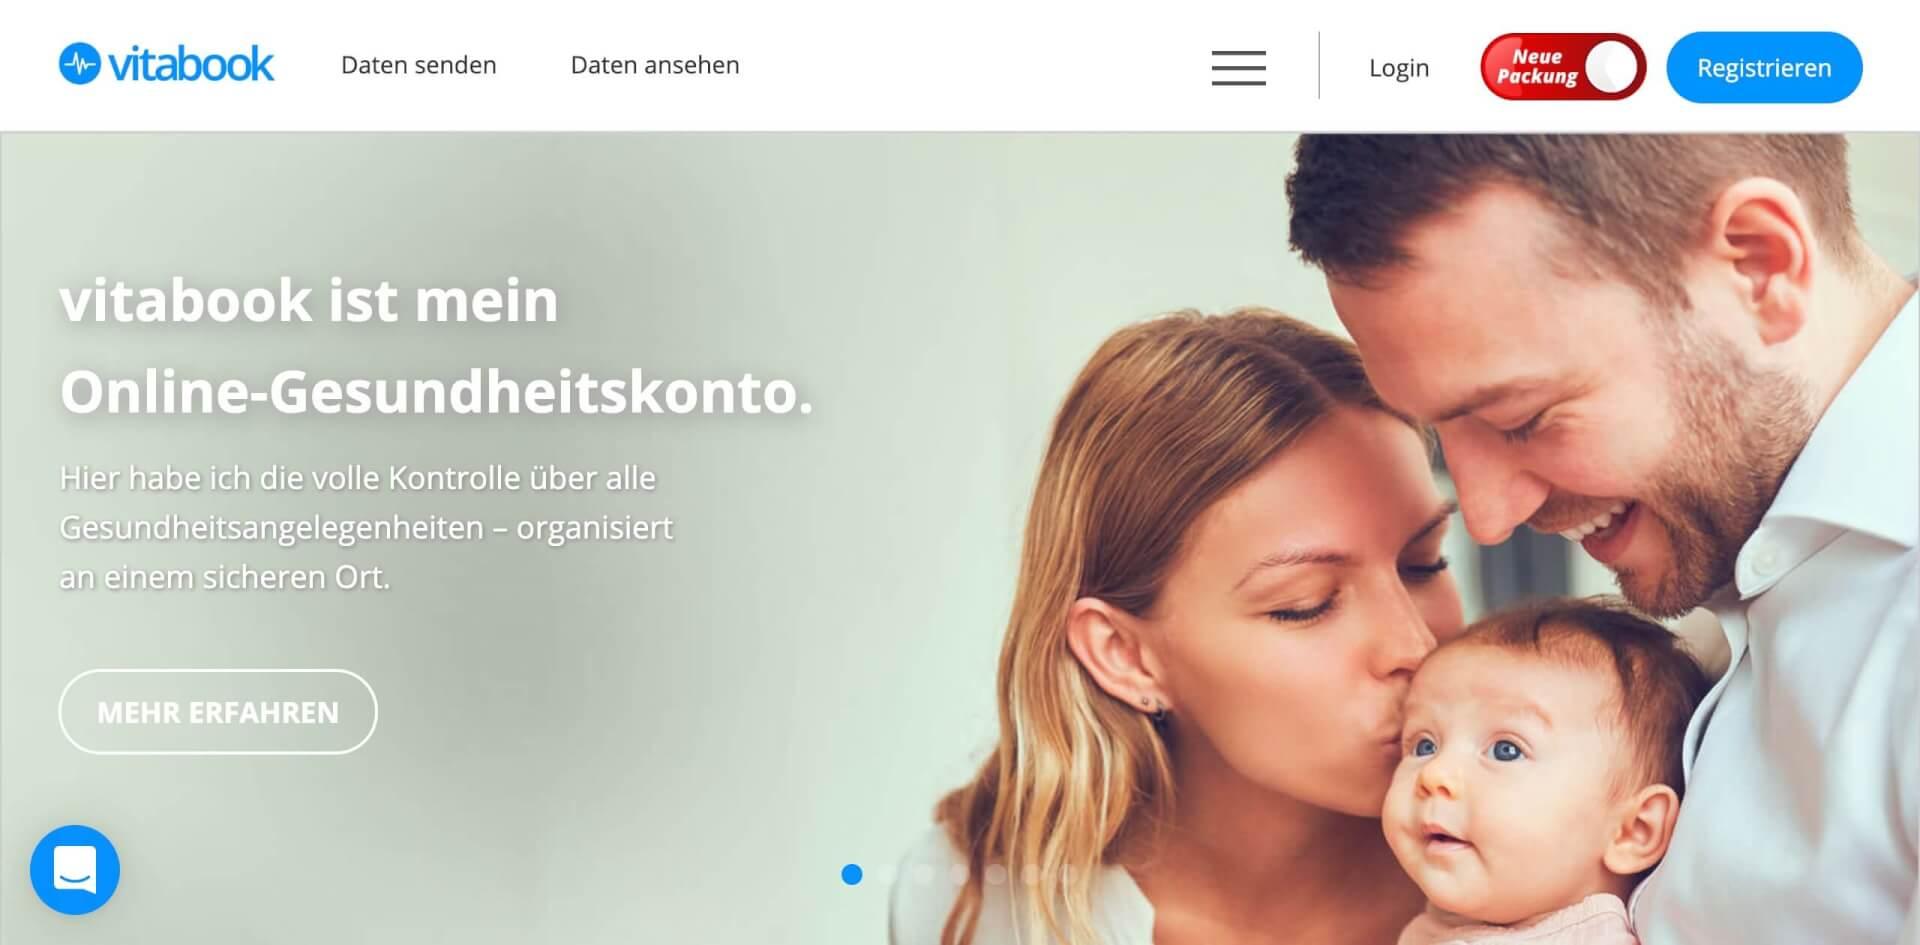 vitabook gesundheitskonto digitale patientenakte